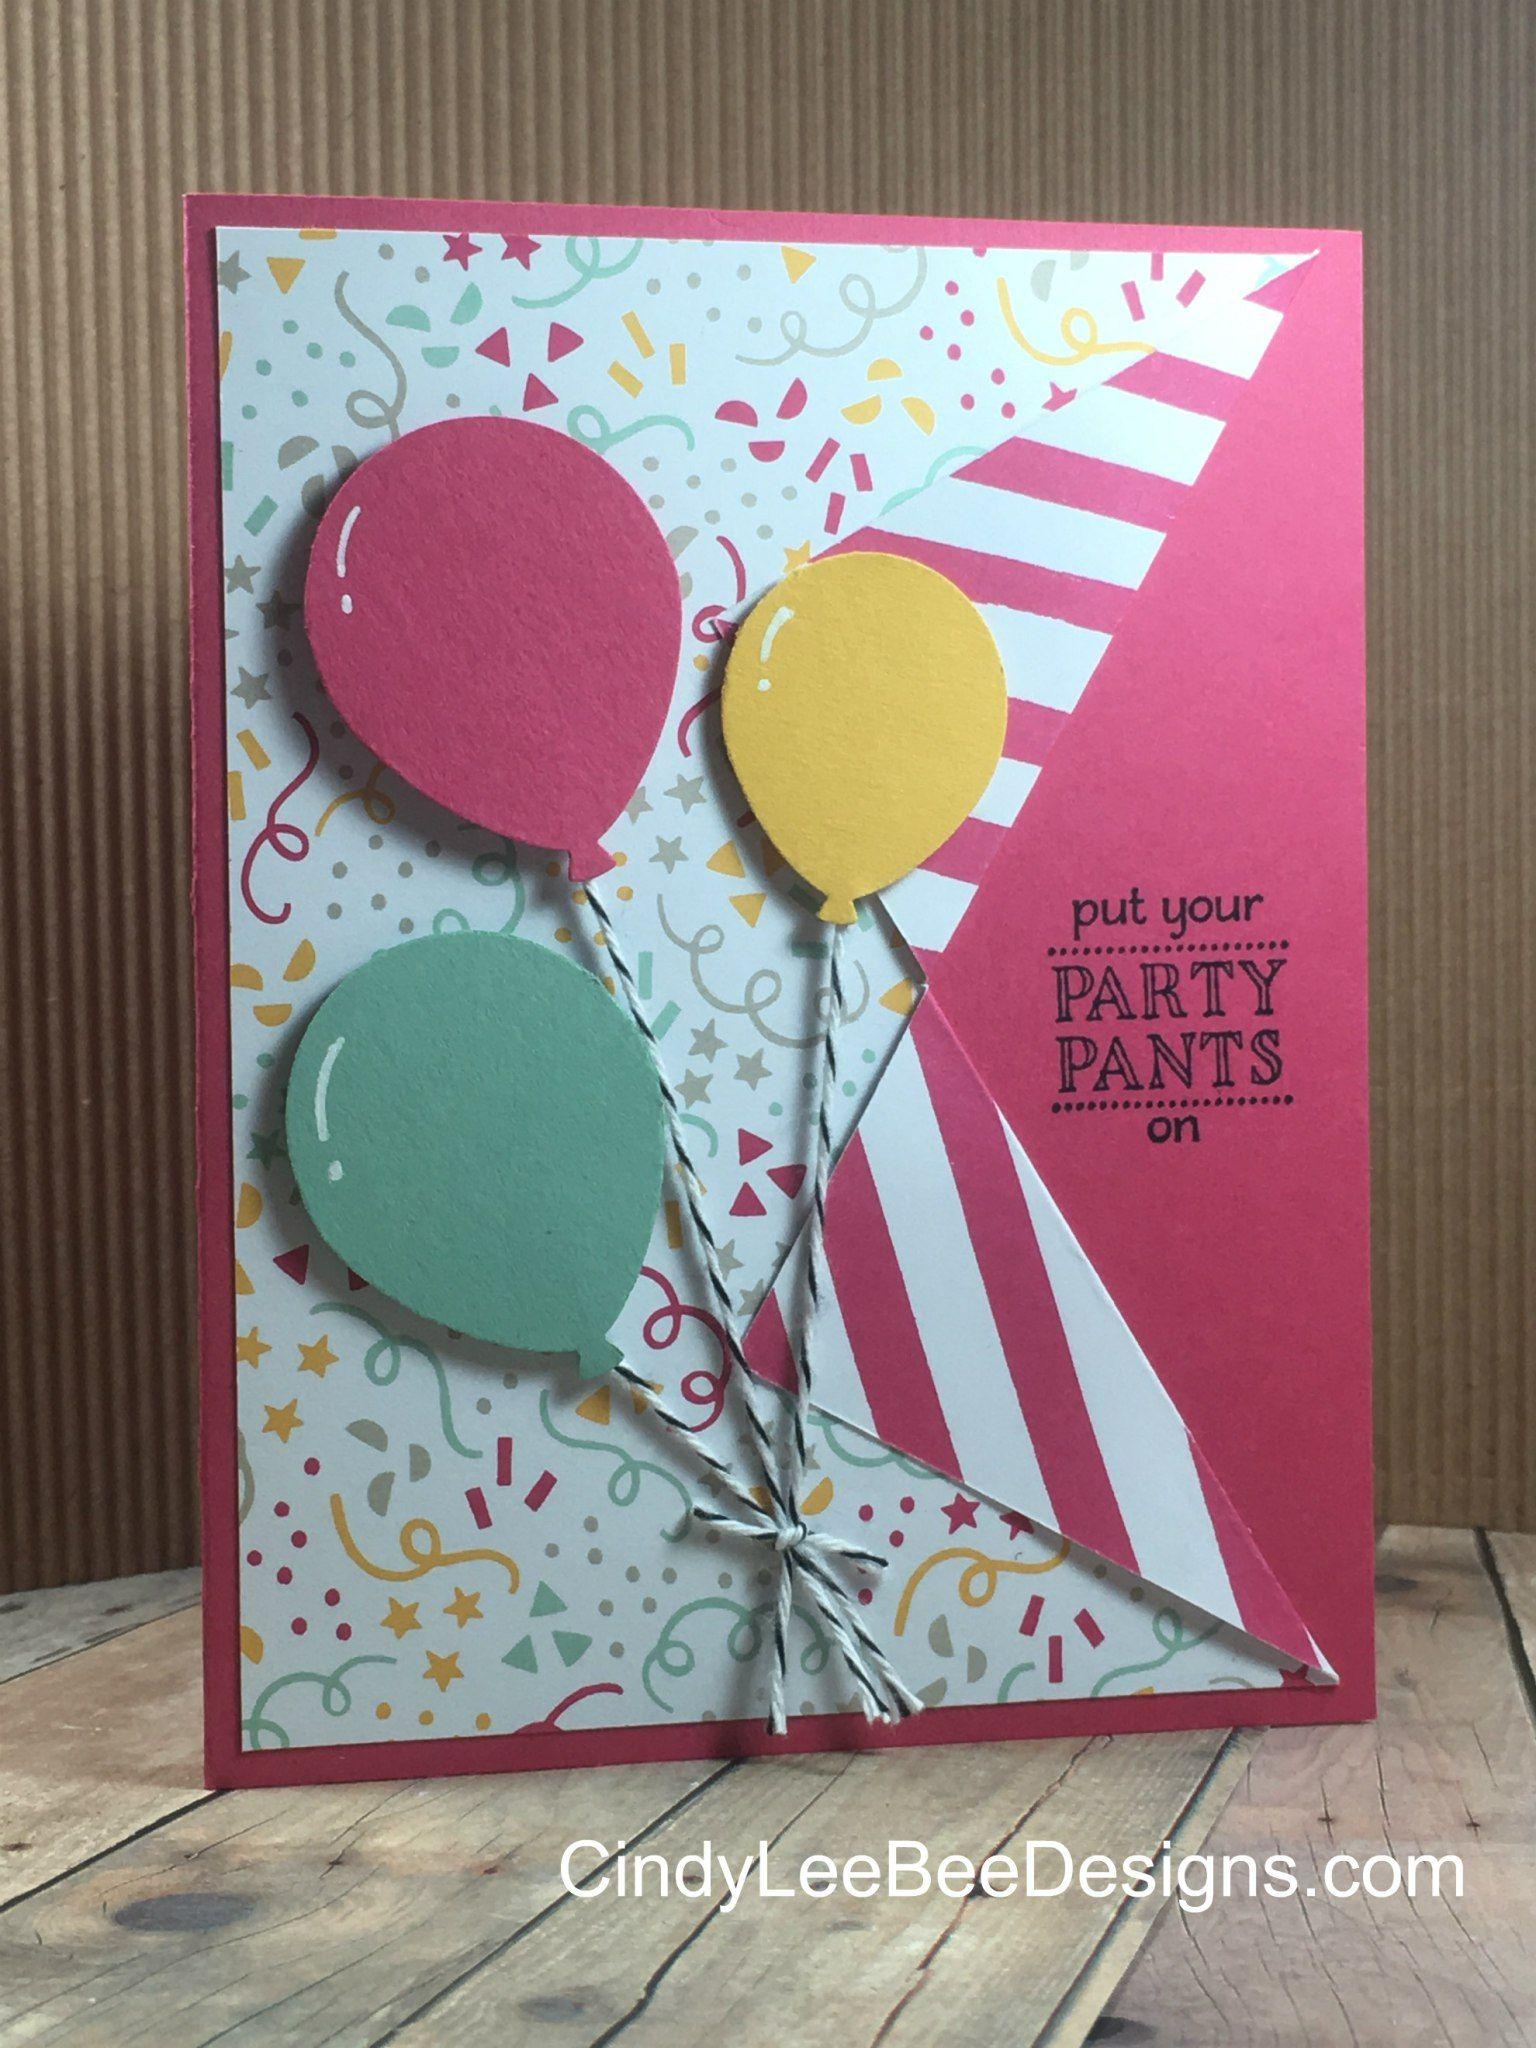 Открытки днем, детская открытка на день рождения своими руками от ребенка